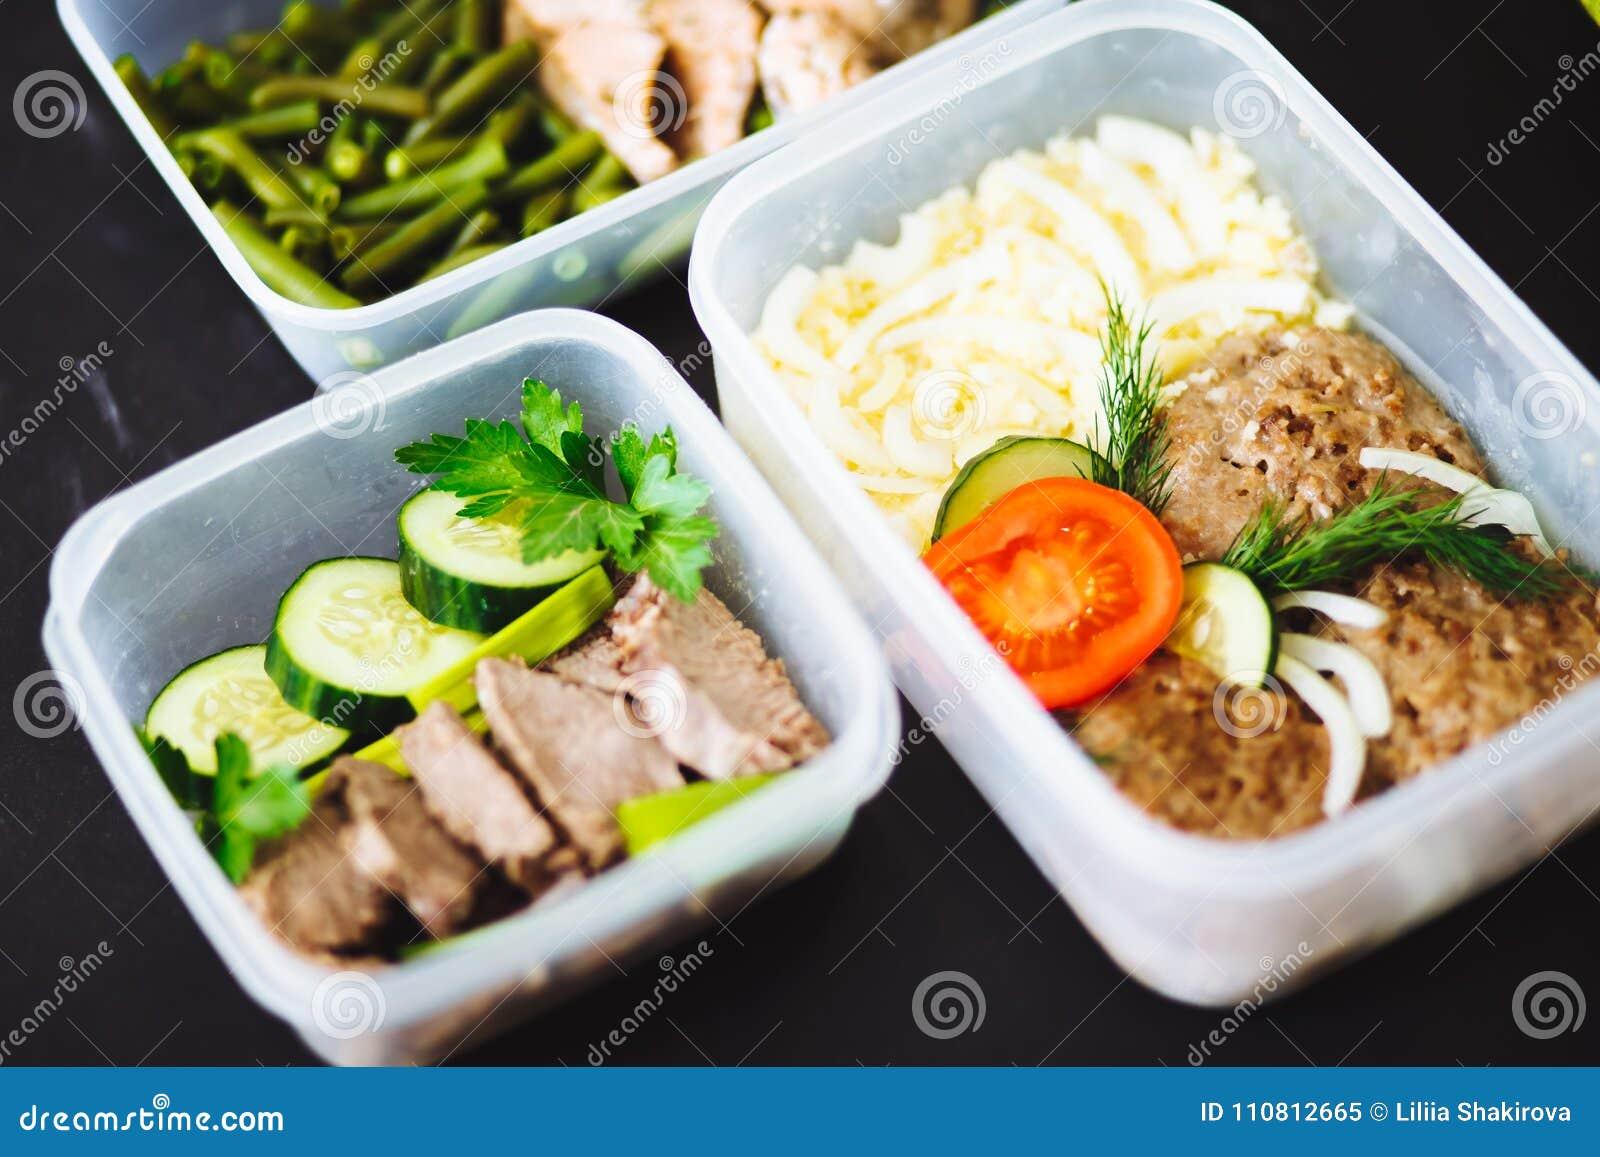 La nourriture saine dans les récipients sur le fond noir : casse-croûte, dîner, déjeuner Les poissons cuits au four, haricots, cô